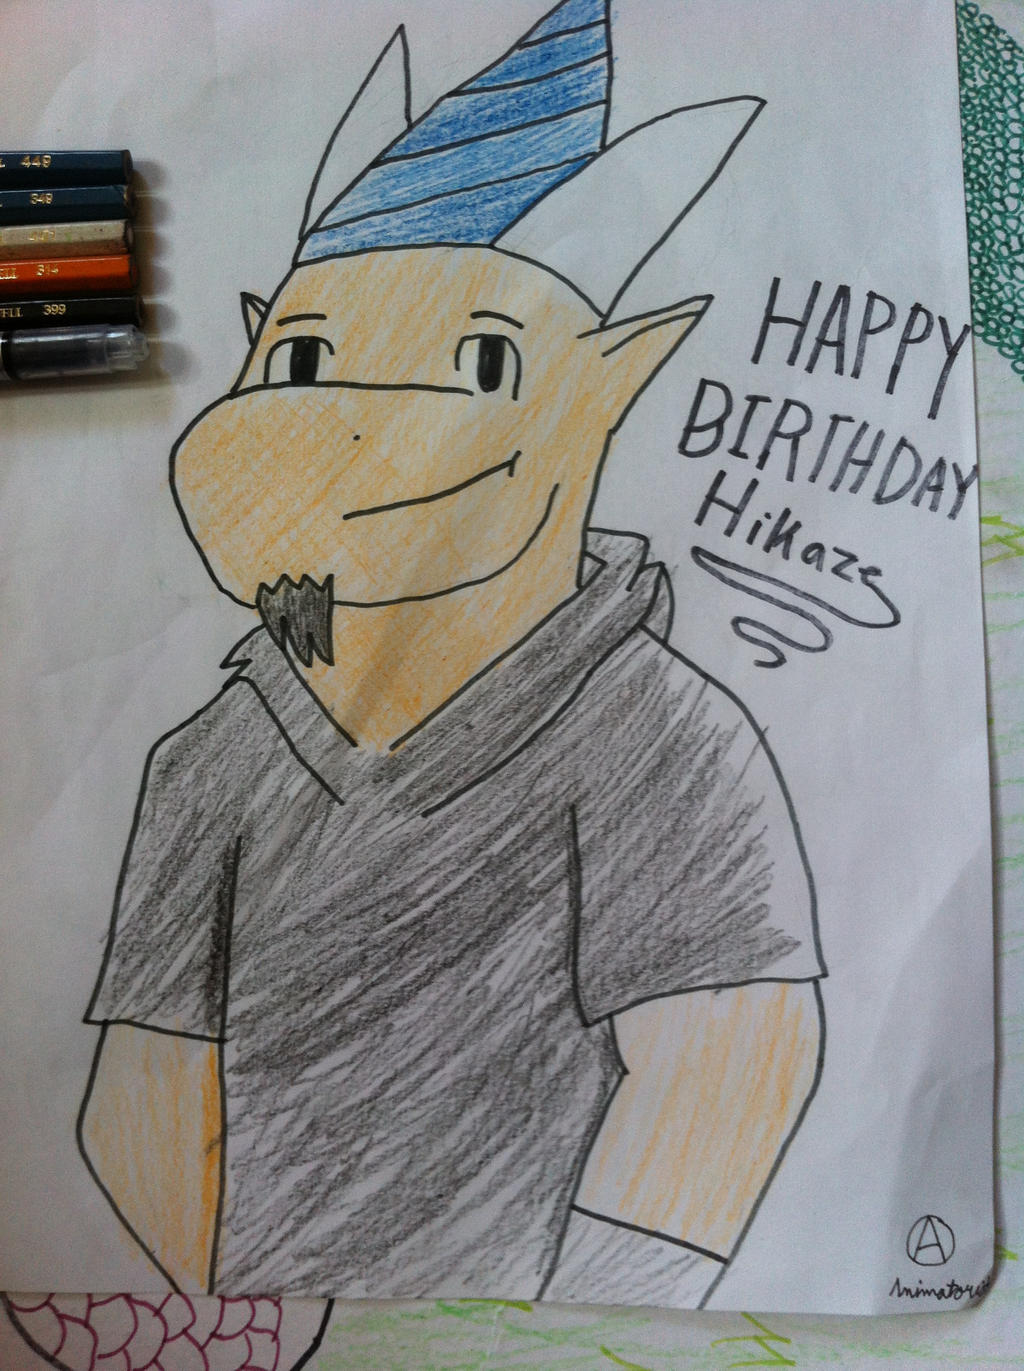 Happy Birthday HikazeDragon!!!! by Animatorist